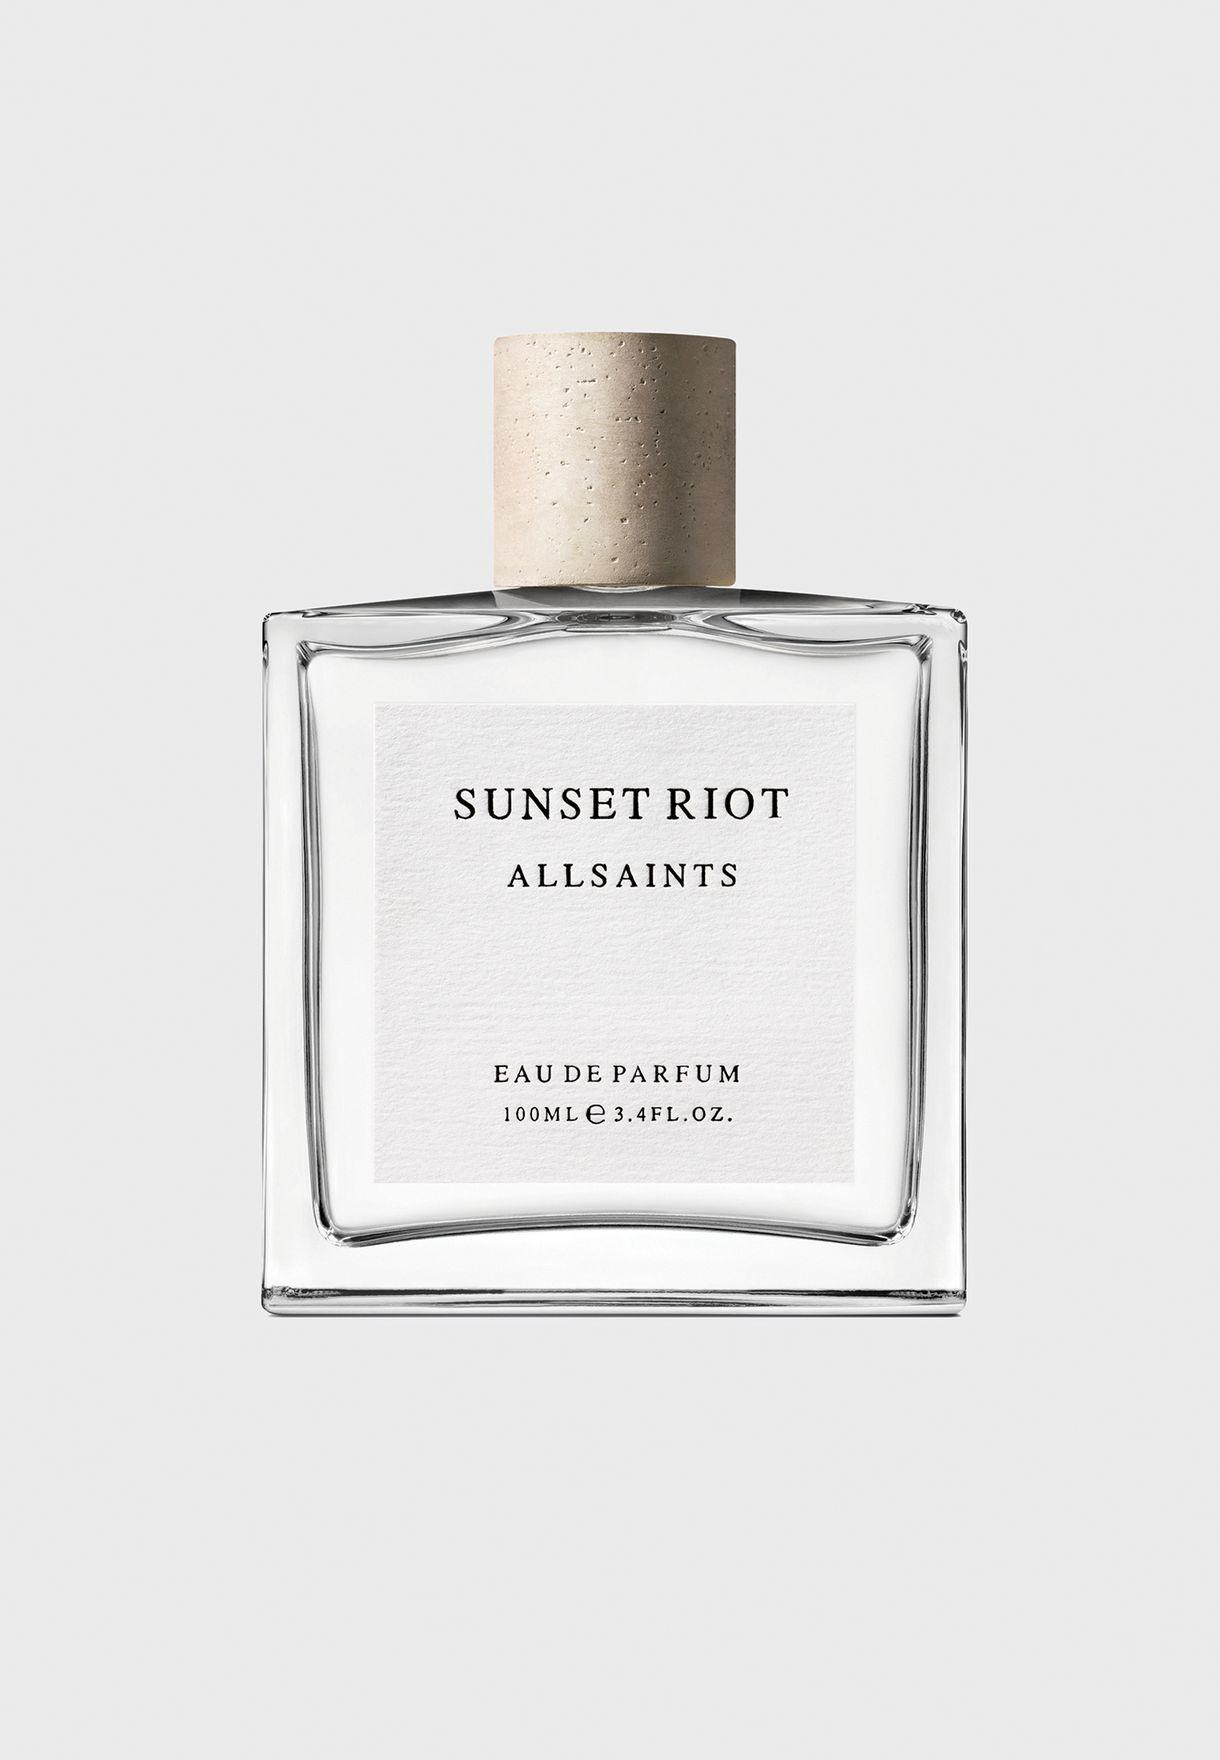 Sunset Riot Eau de Parfum 100ml